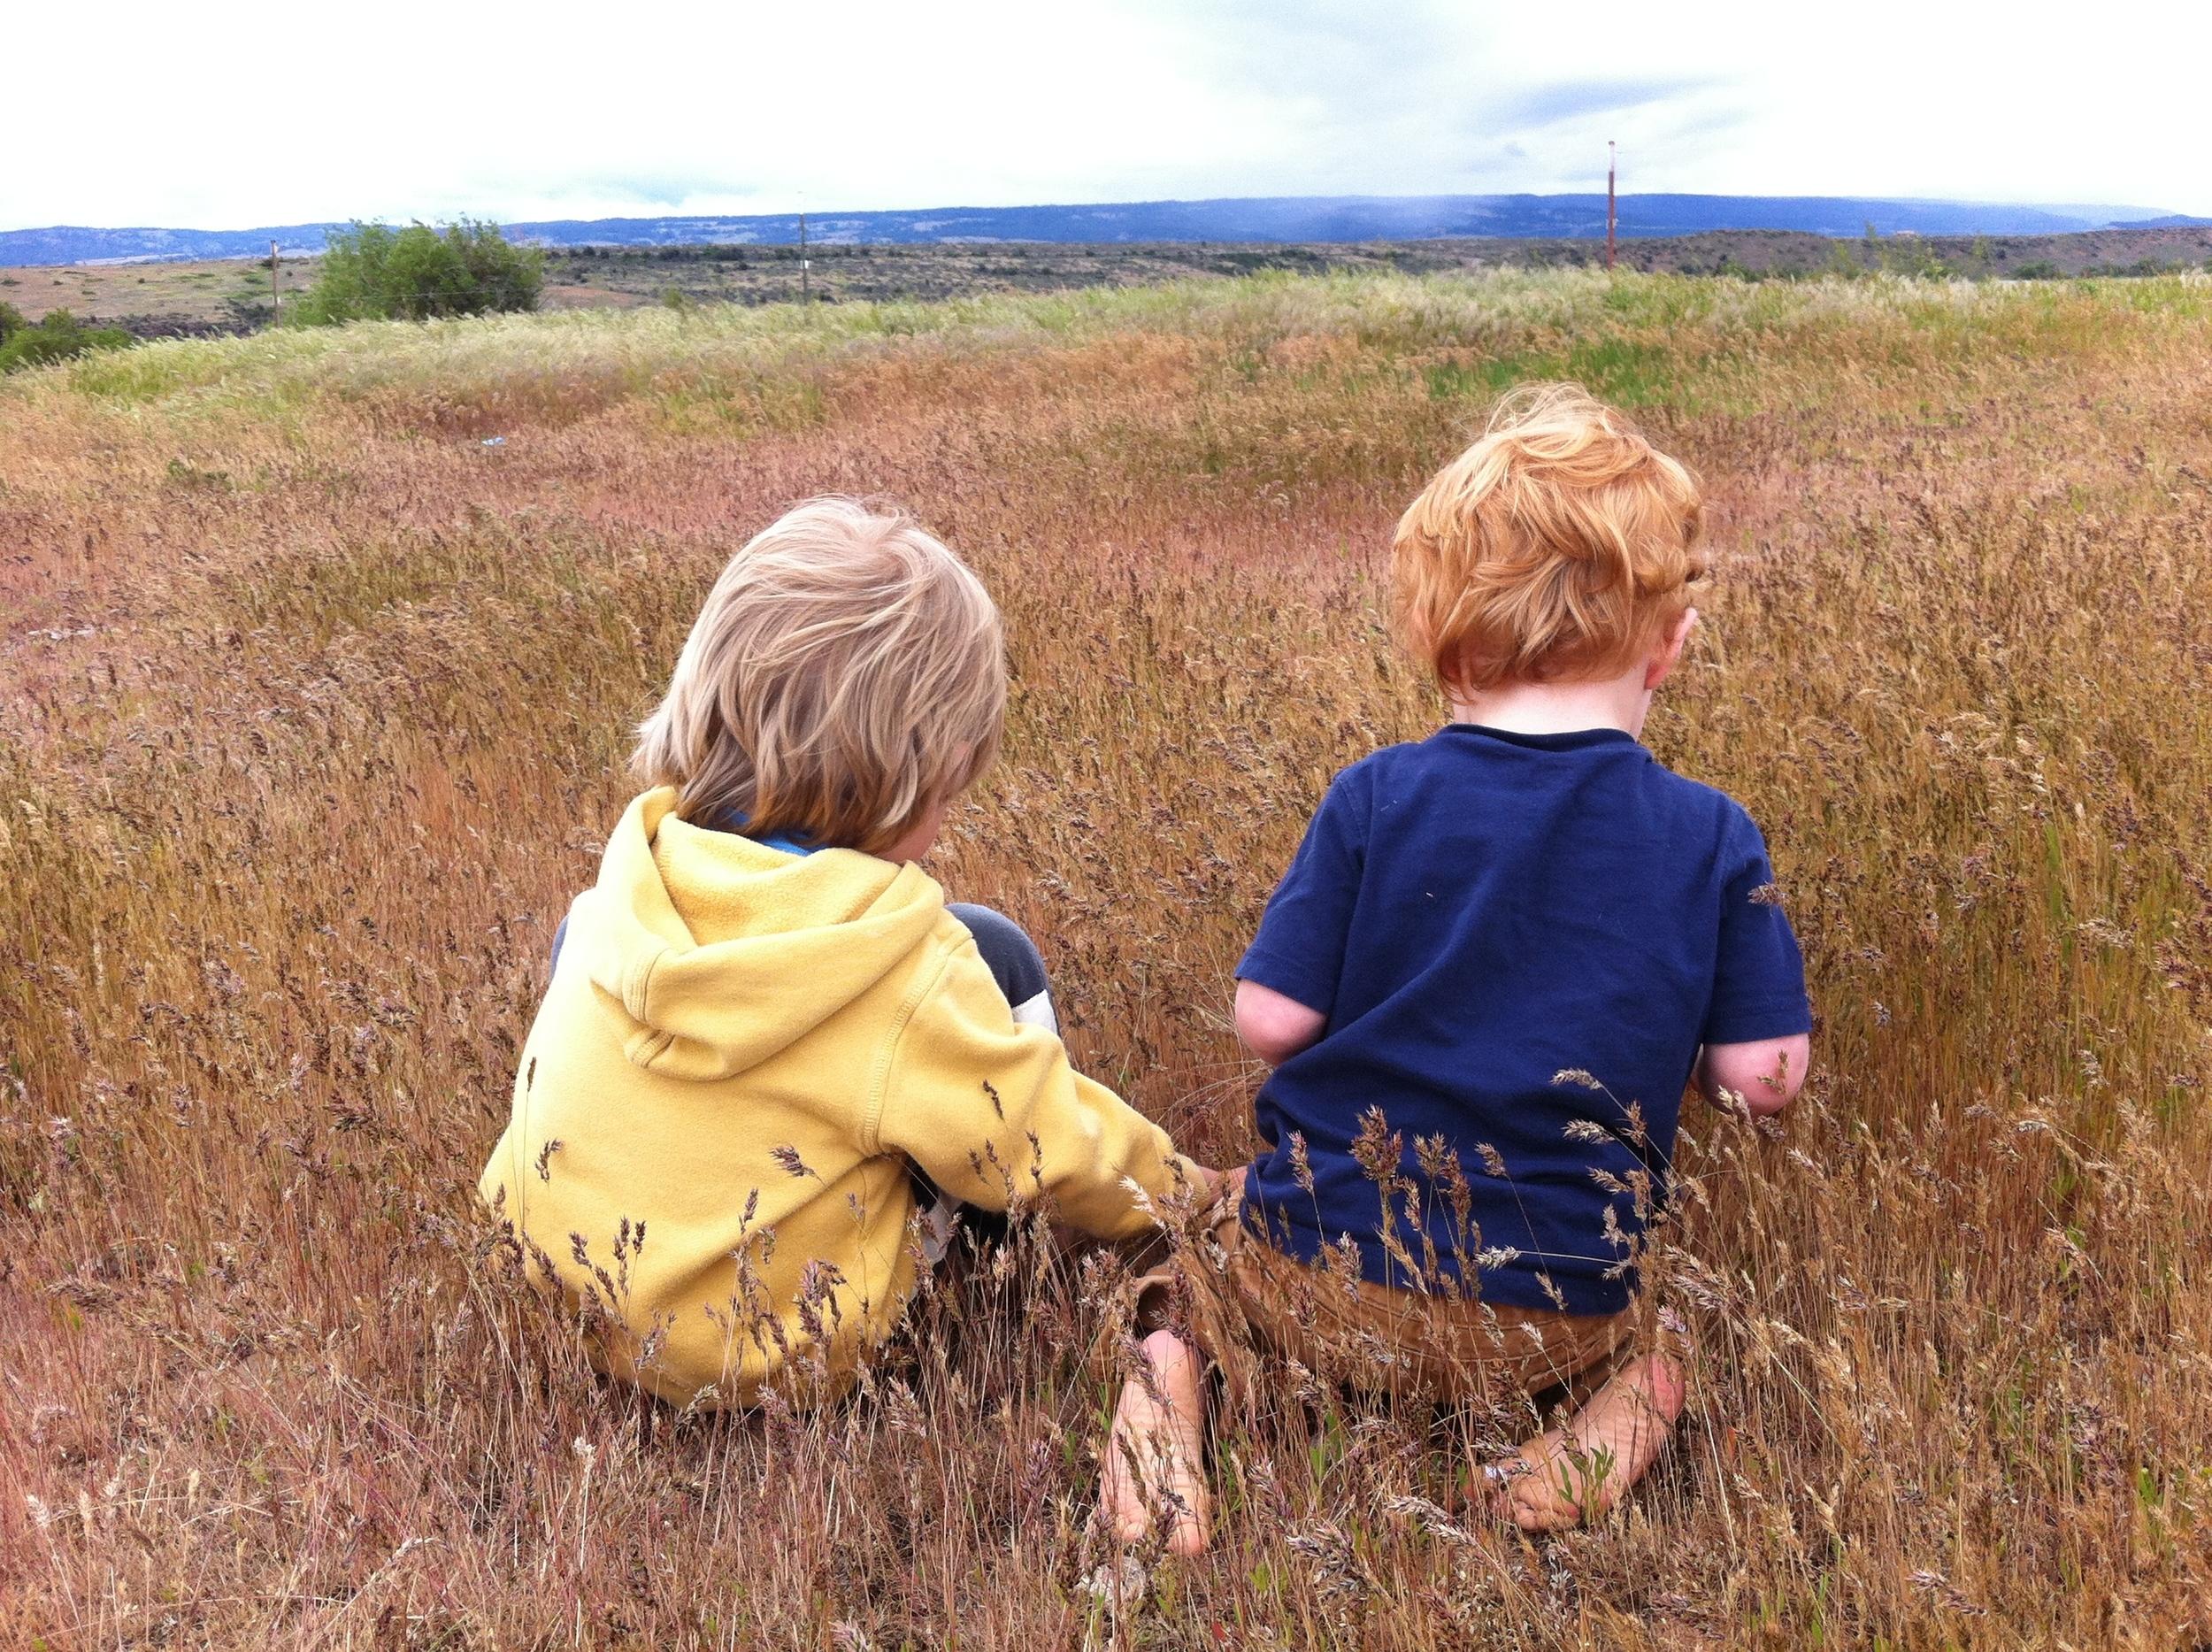 pasture-raised-boys.jpg